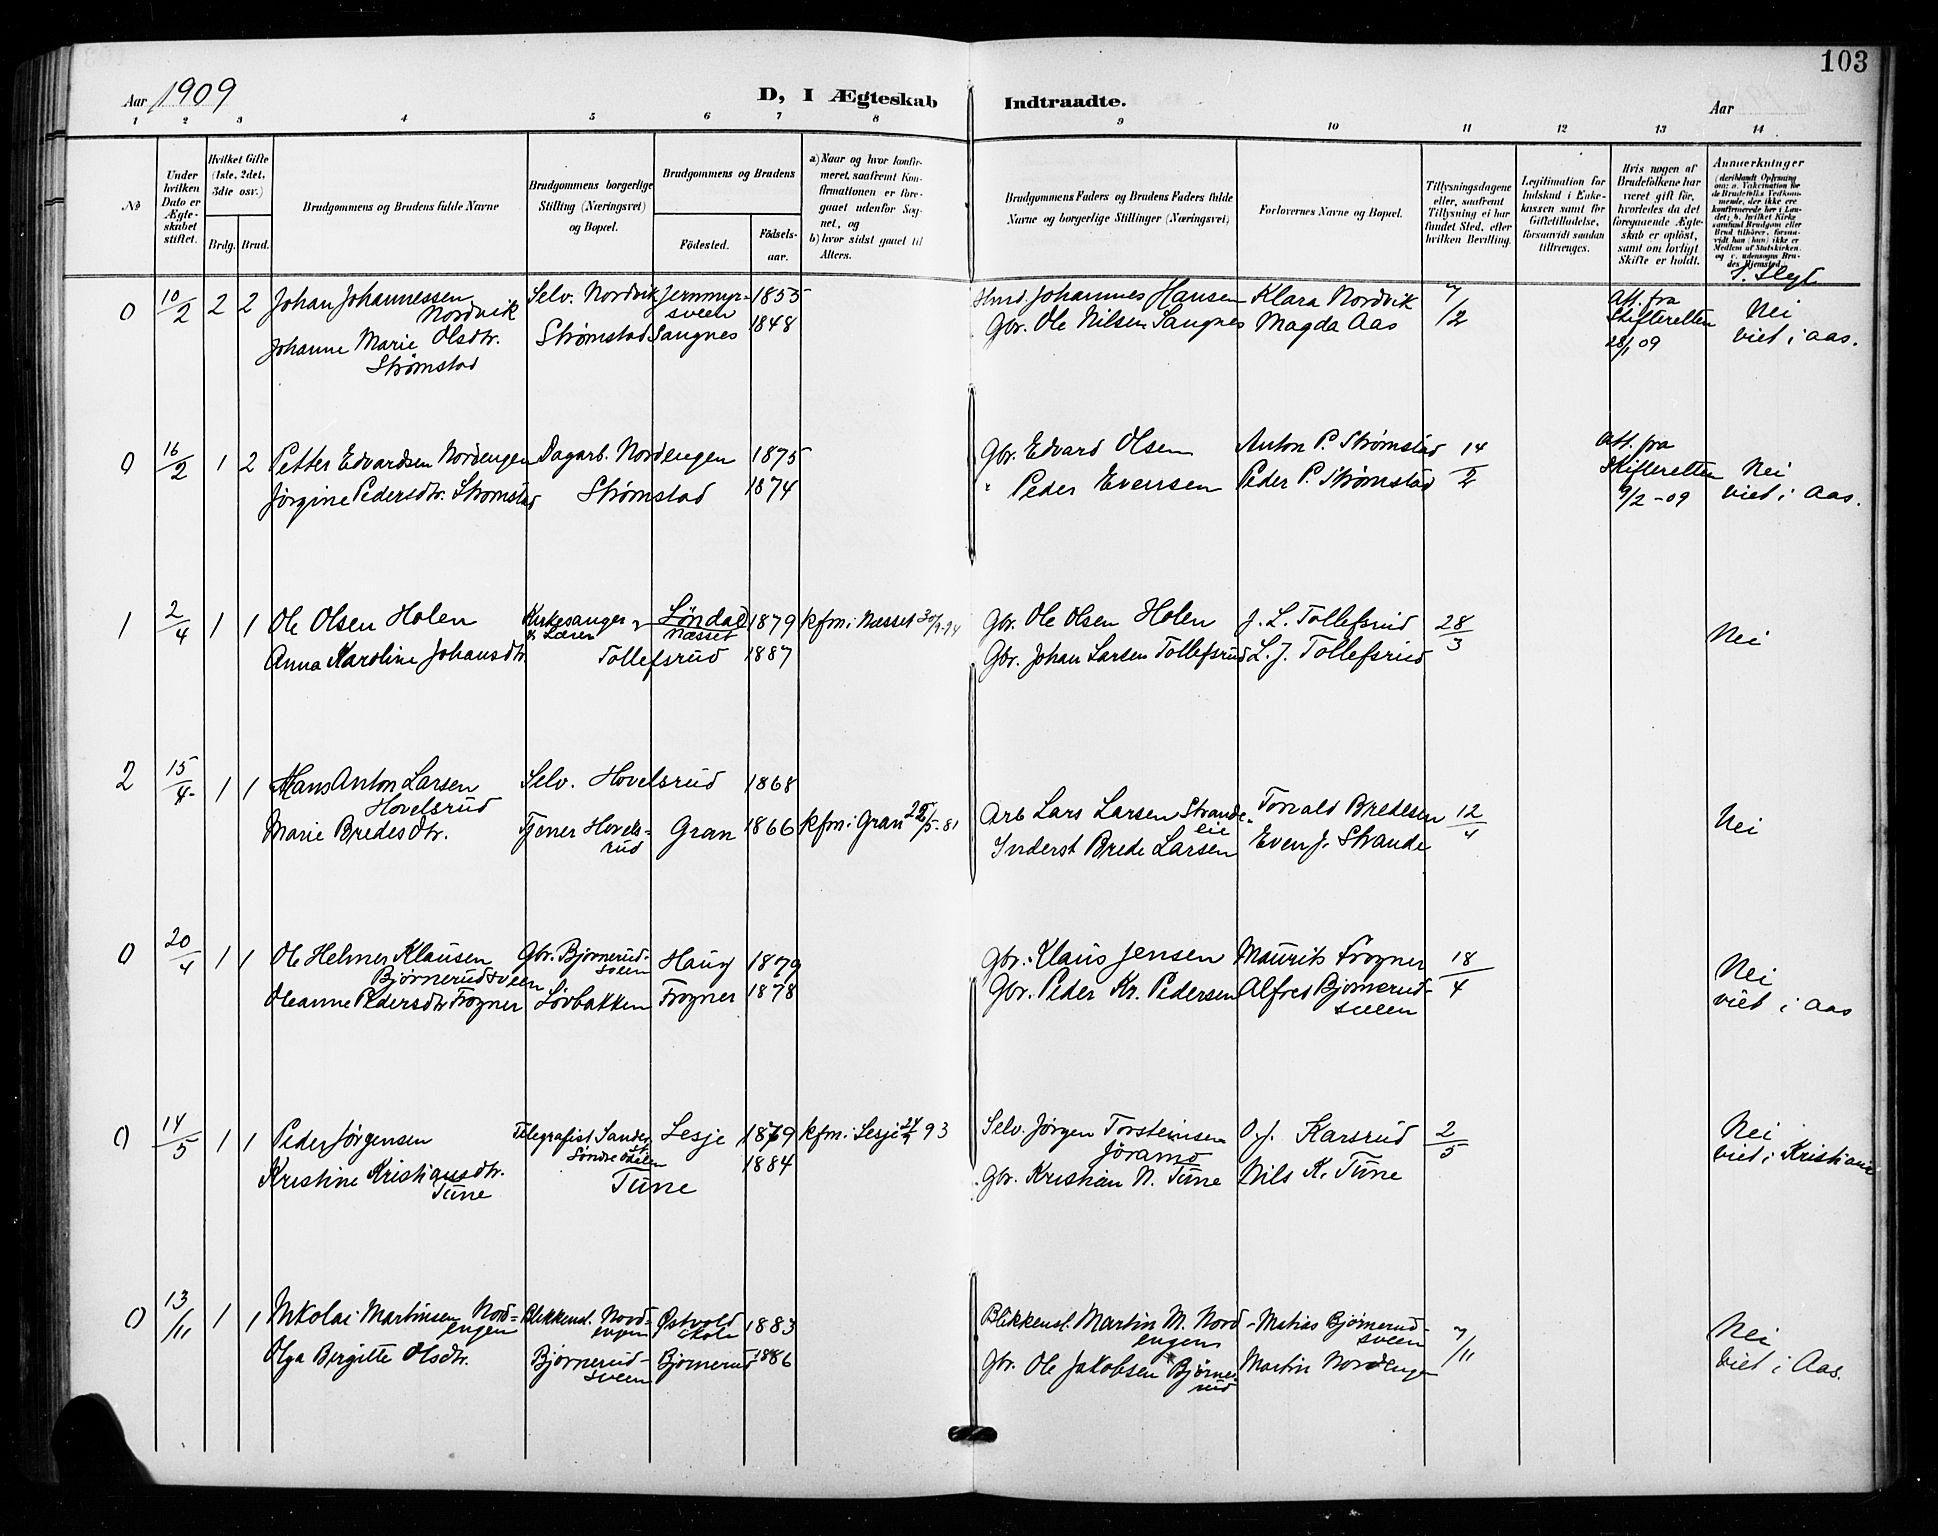 SAH, Vestre Toten prestekontor, H/Ha/Hab/L0016: Klokkerbok nr. 16, 1901-1915, s. 103